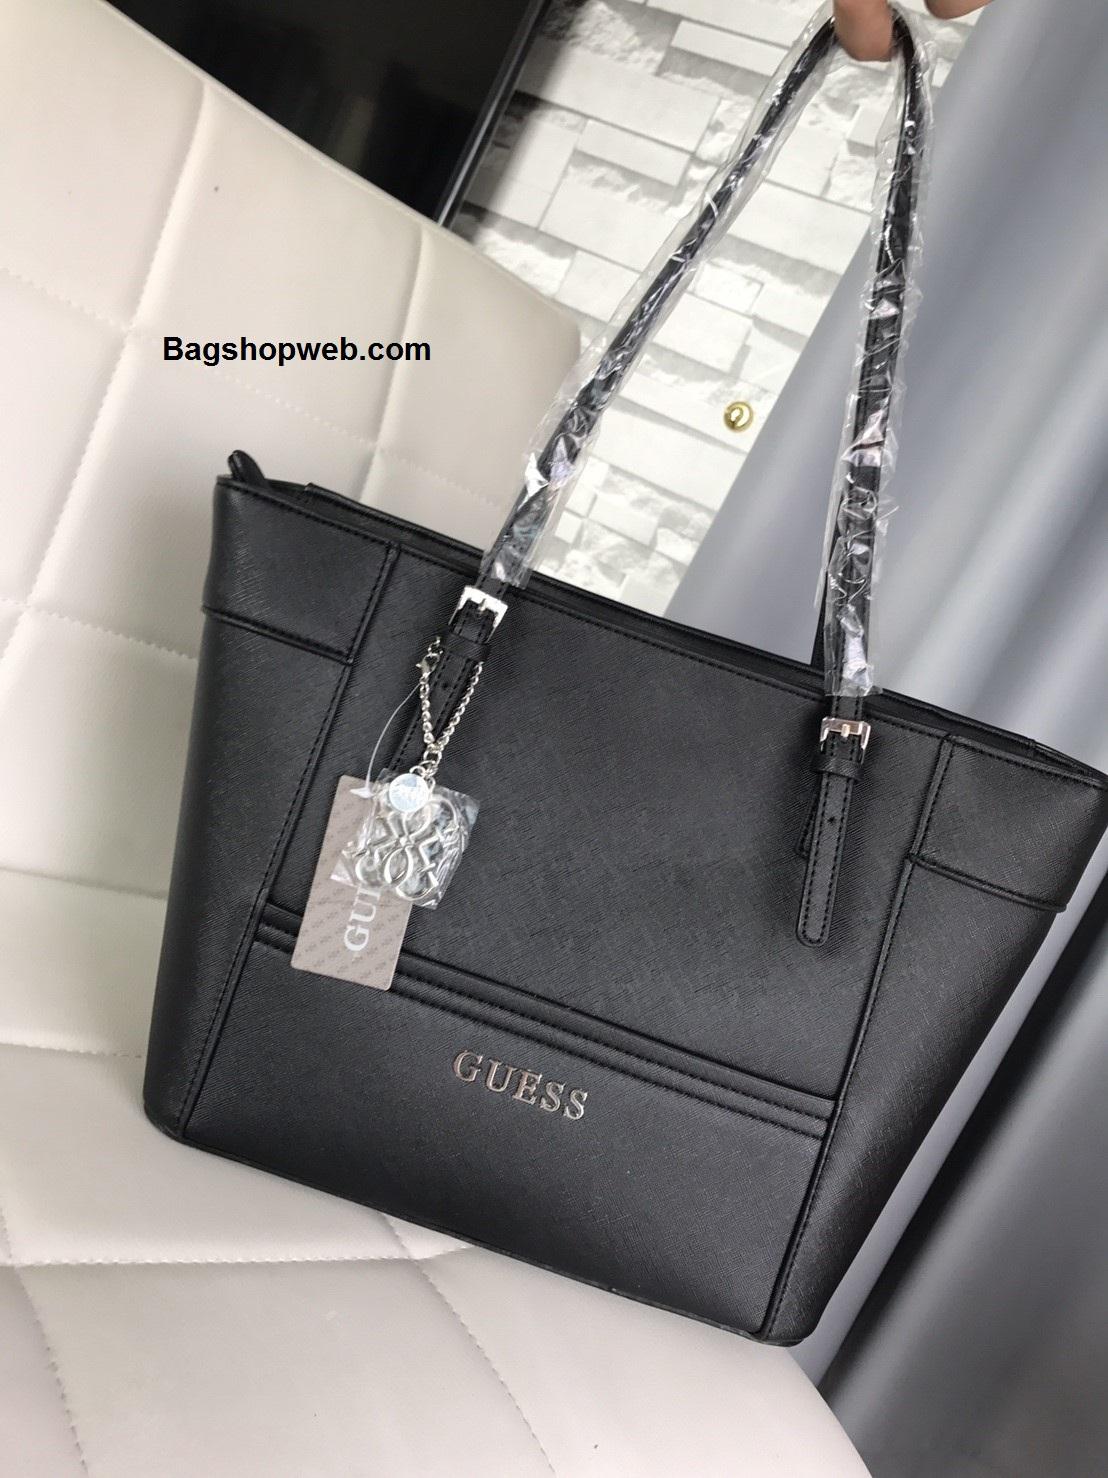 กระเป๋า GUESS Saffiano Prada Style with Bag Charm Brand สีดำ